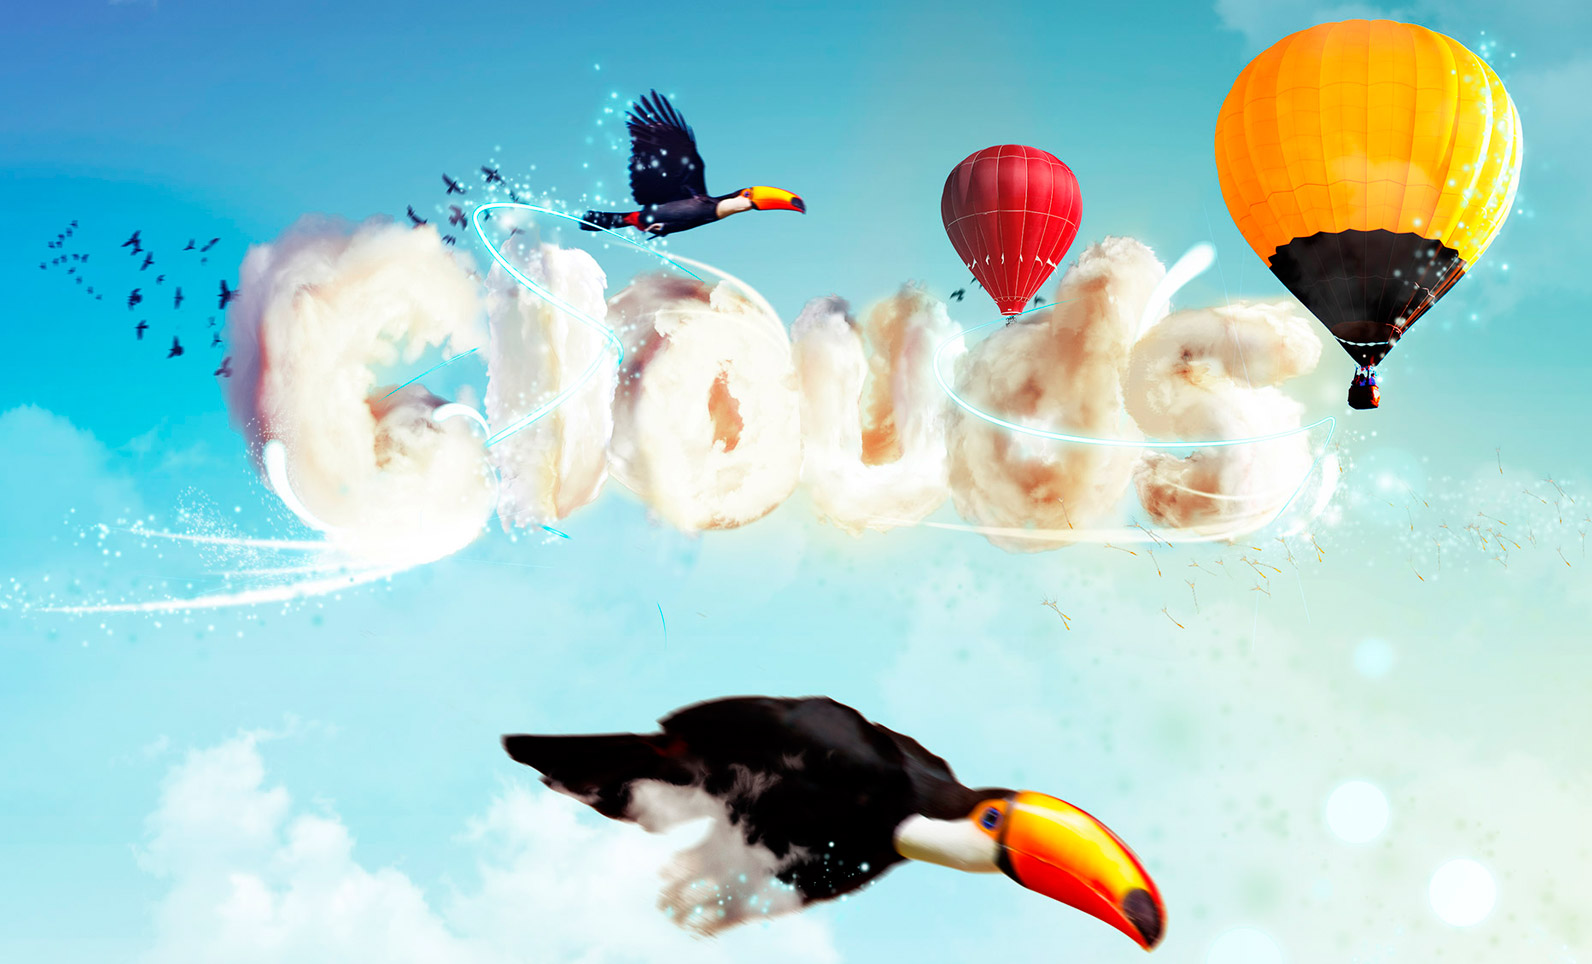 Tipografía - Clouds